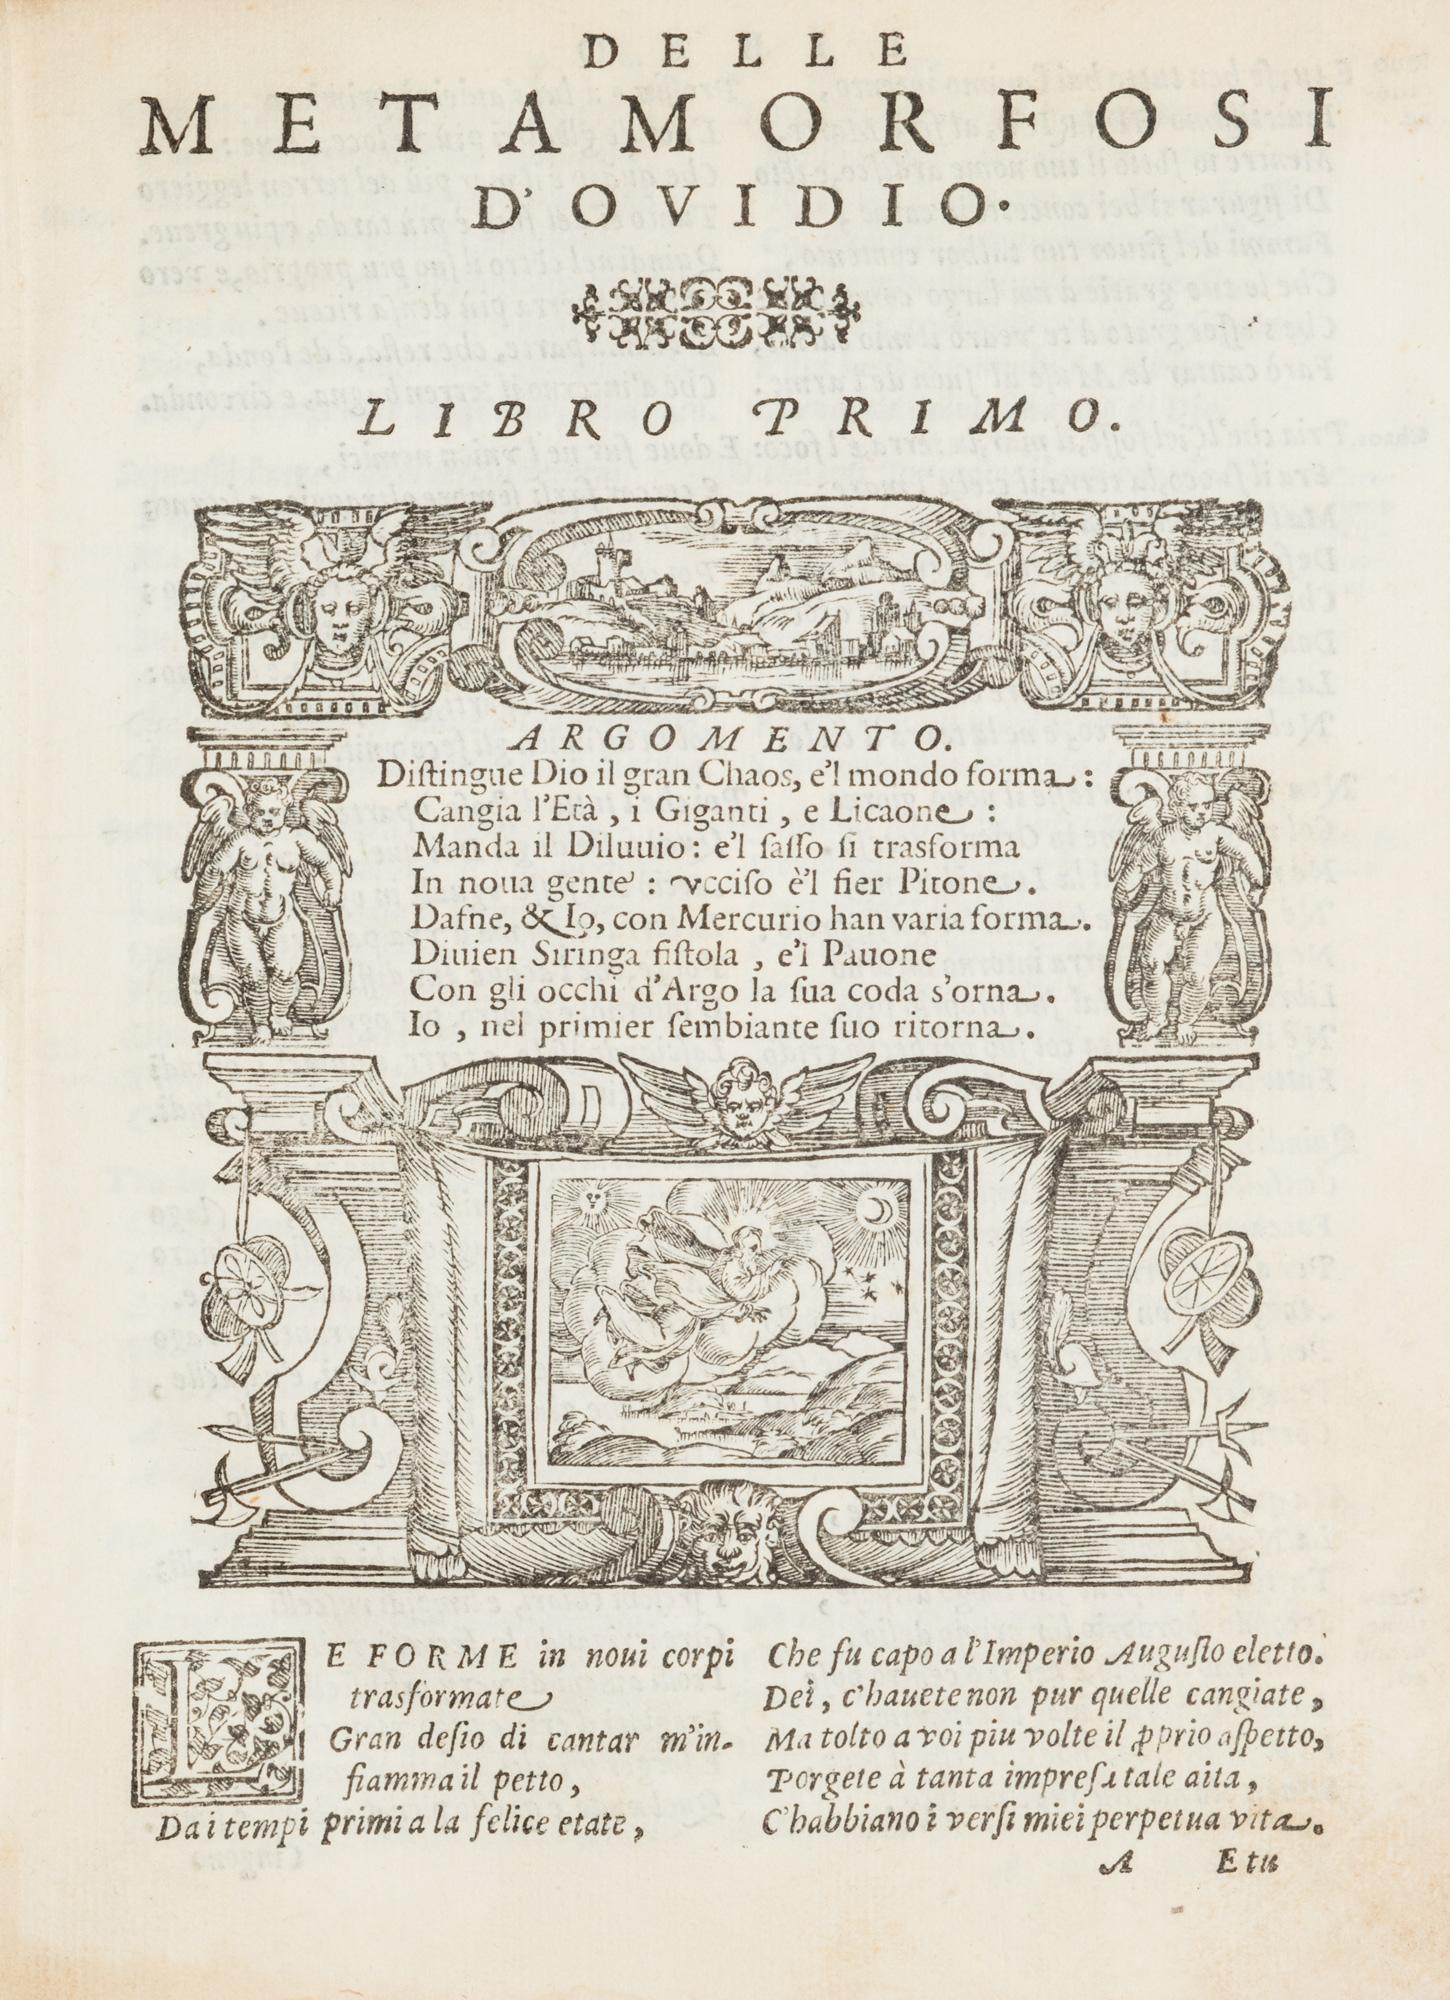 Le metamorfosi di Ovidio, ridotte da Gio. andrea dall'Anguillara, in ottava rima.